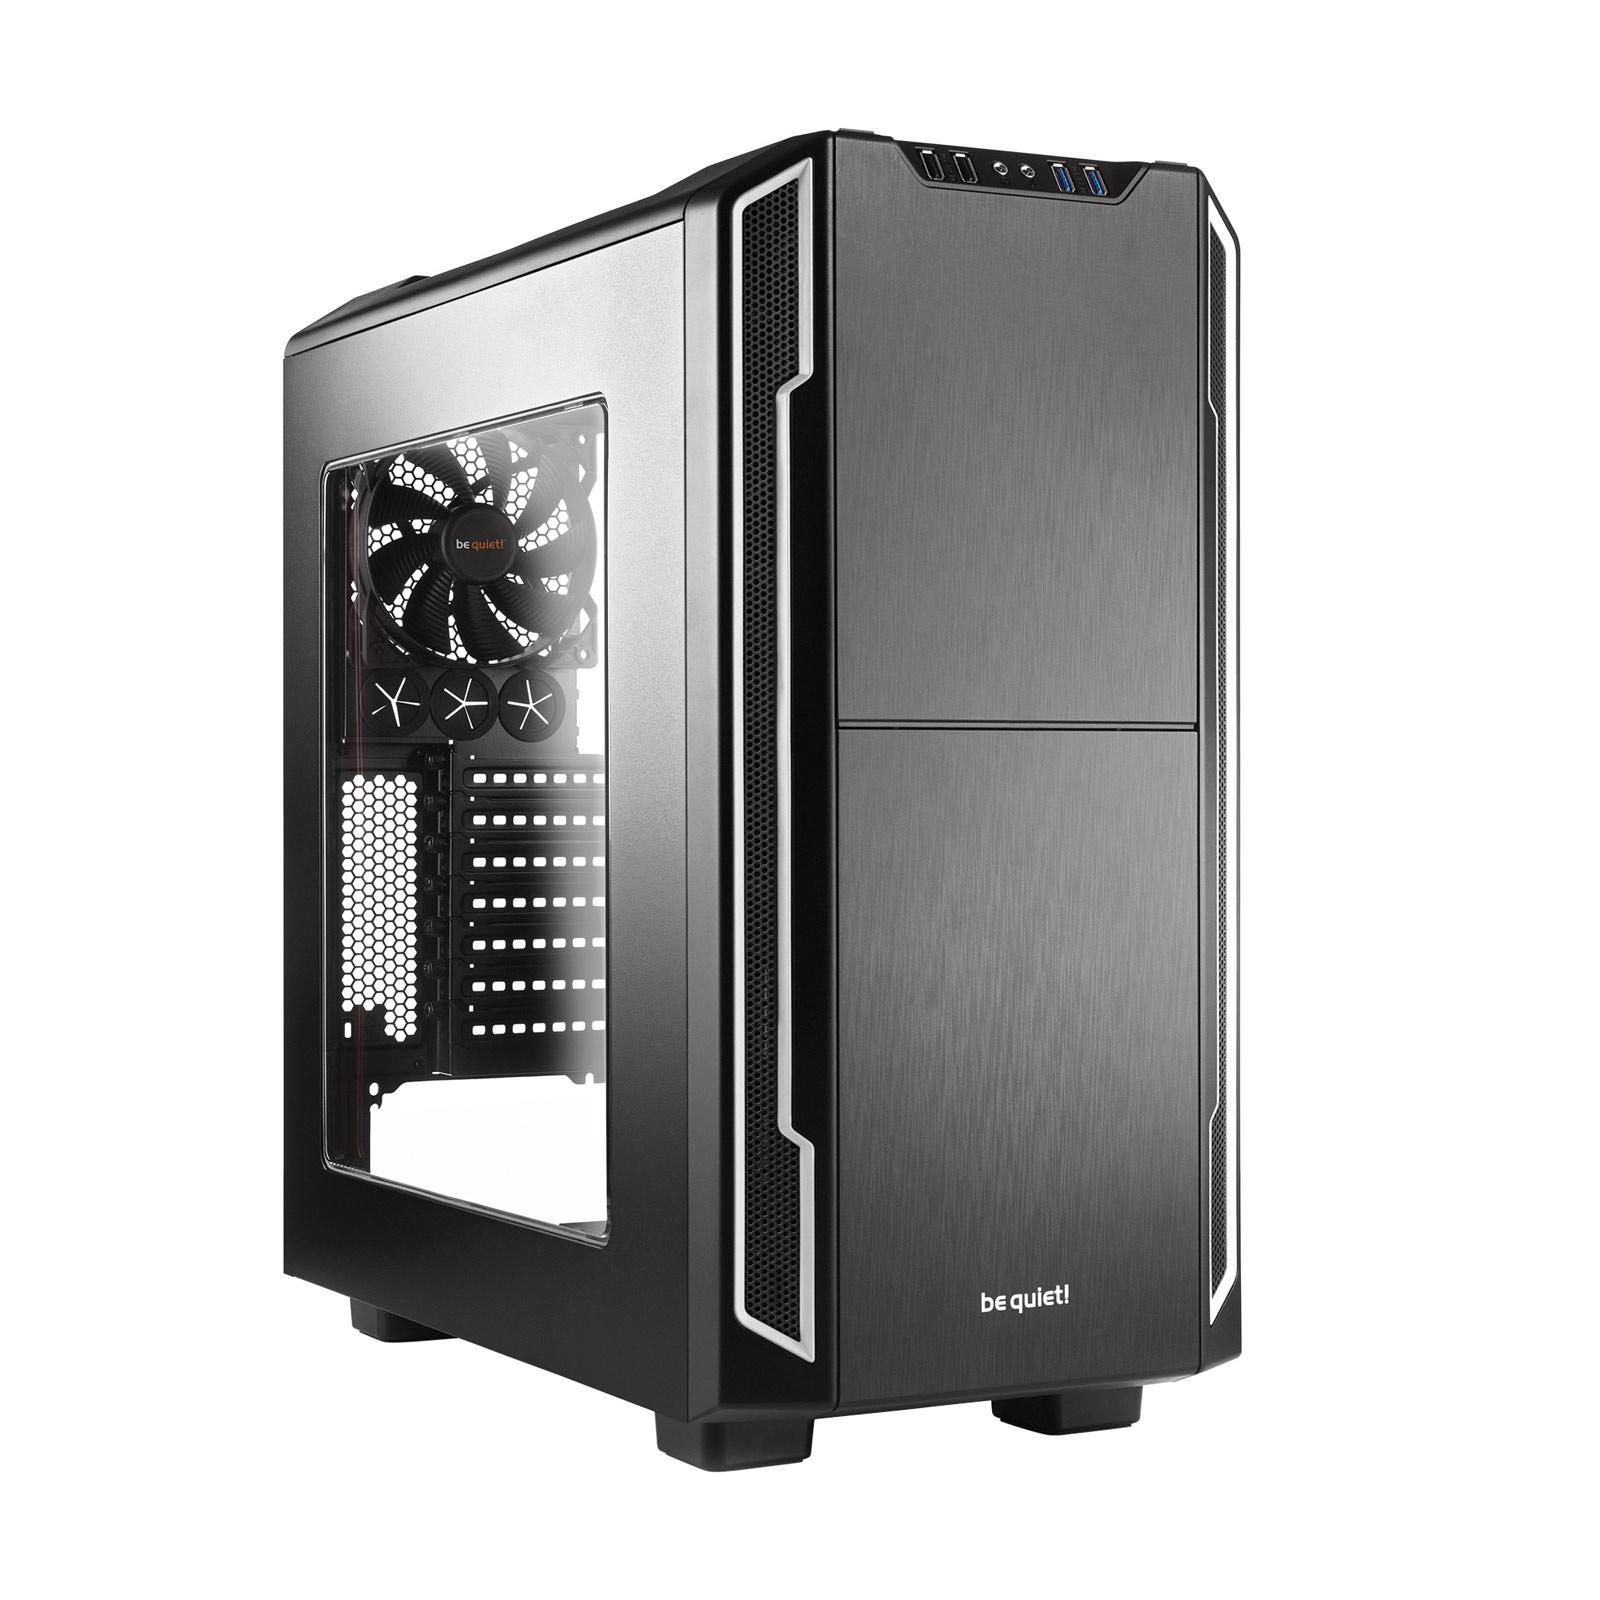 Boîtier PC be quiet! Silent Base 600 Window (Silver) Boîtier moyen tour avec fenêtre